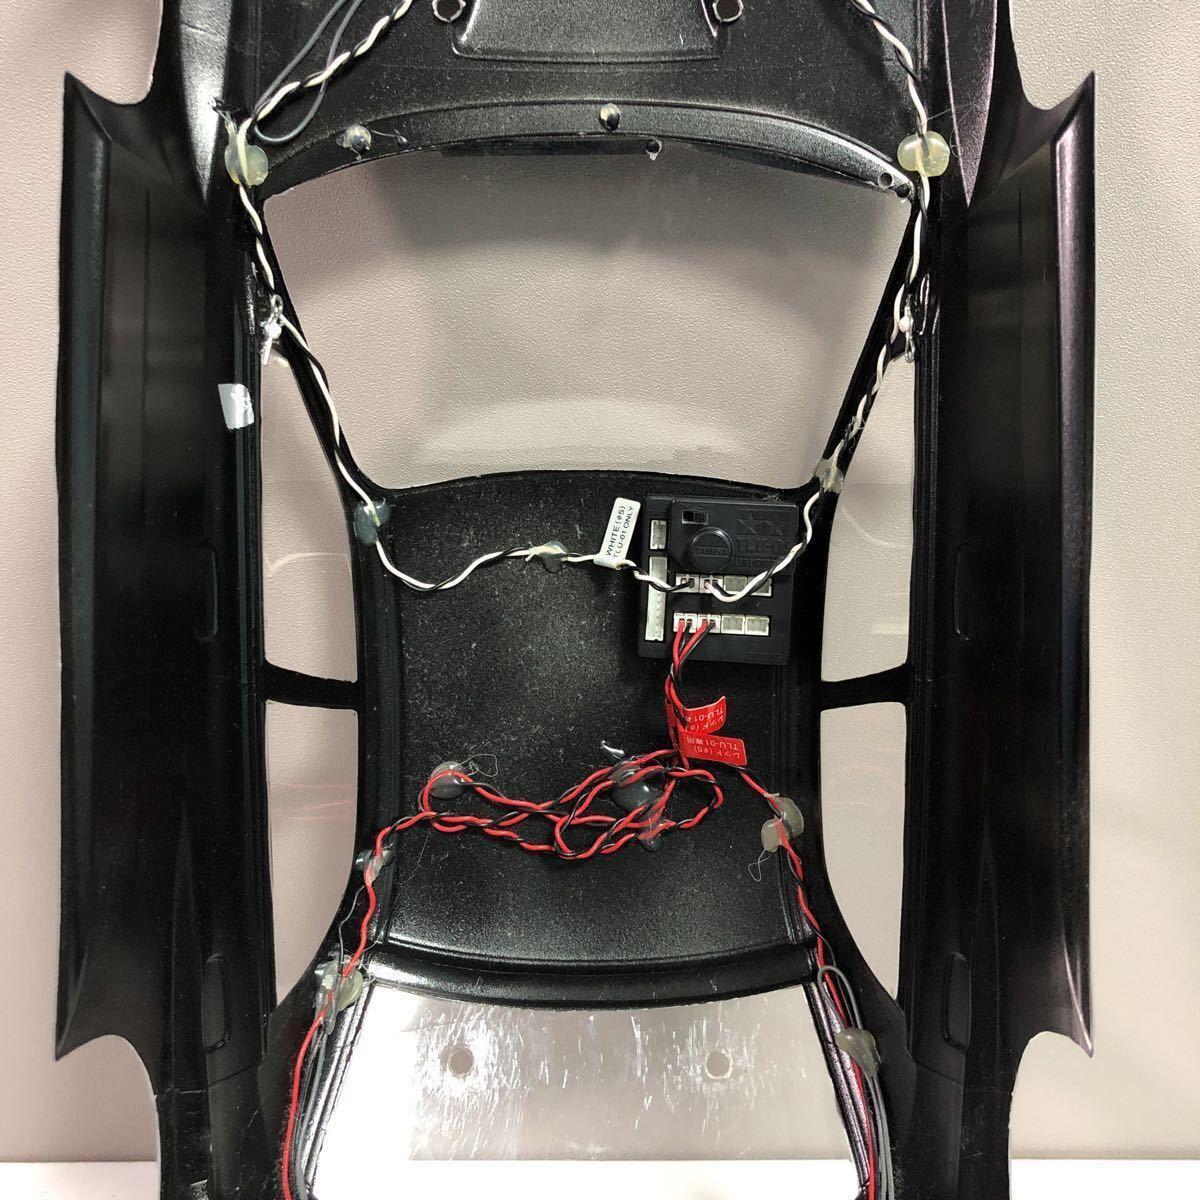 売切!1円スタート!タミヤ 1/10 電動RC ボディセット スバル インプレッサ WRC 塗装済 ジャンク 社外ウイング ライトユニット付_画像8